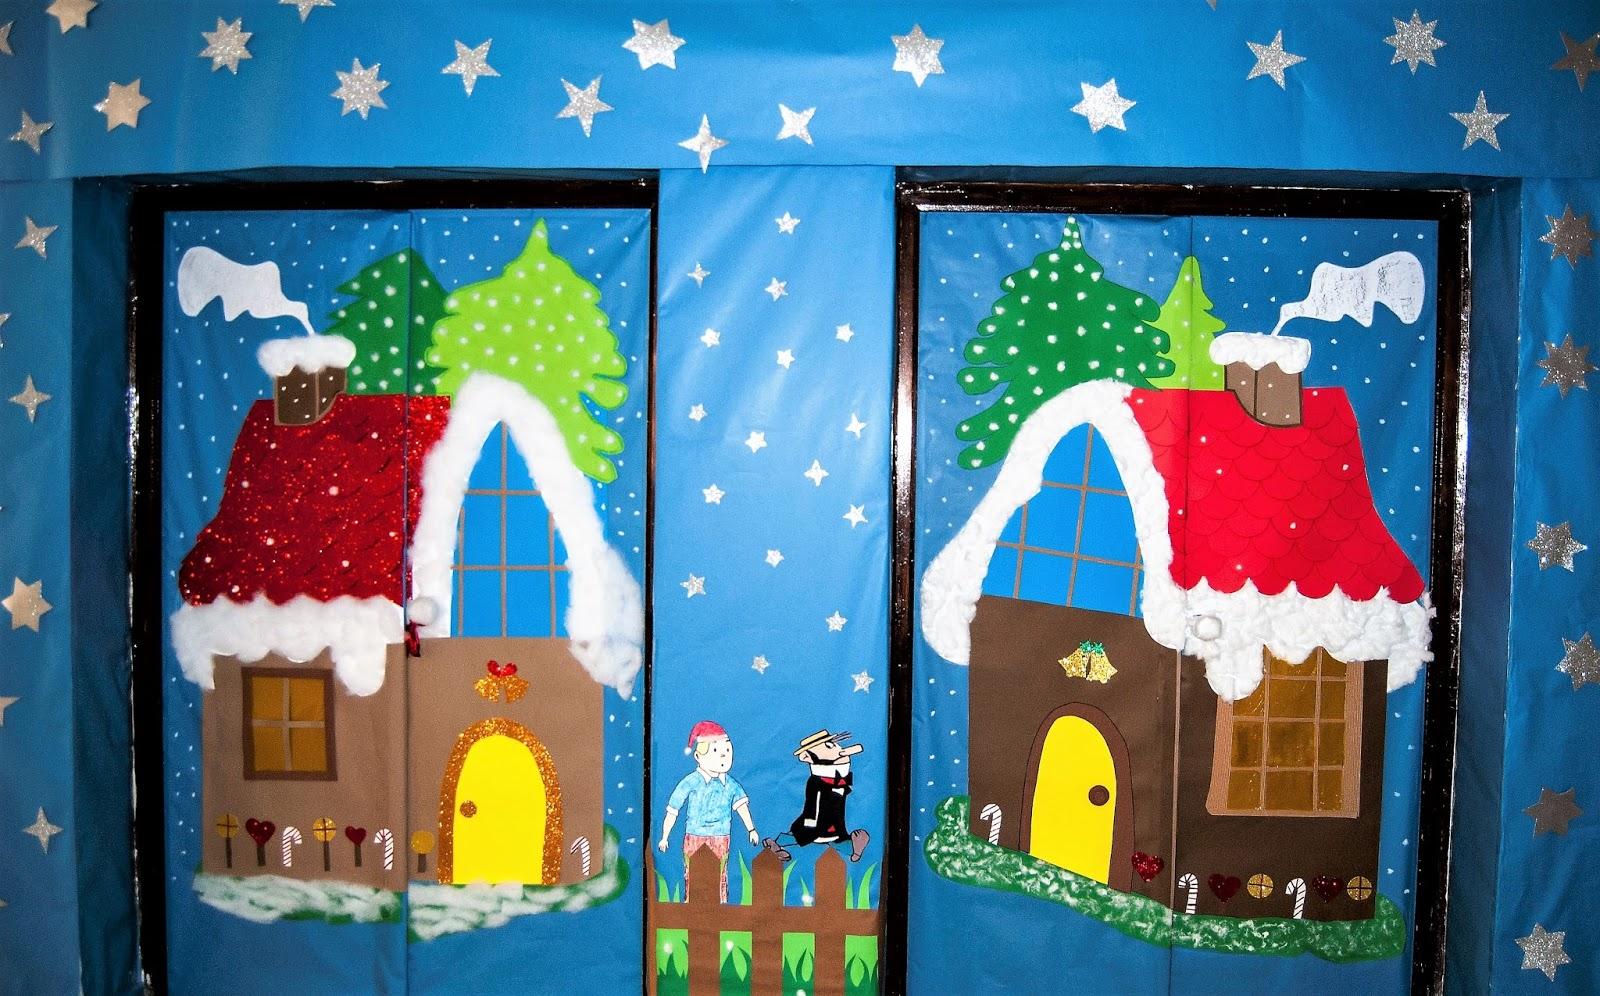 Colegio santiago ap stol villanueva de la serena for Puertas decoradas navidad material reciclable